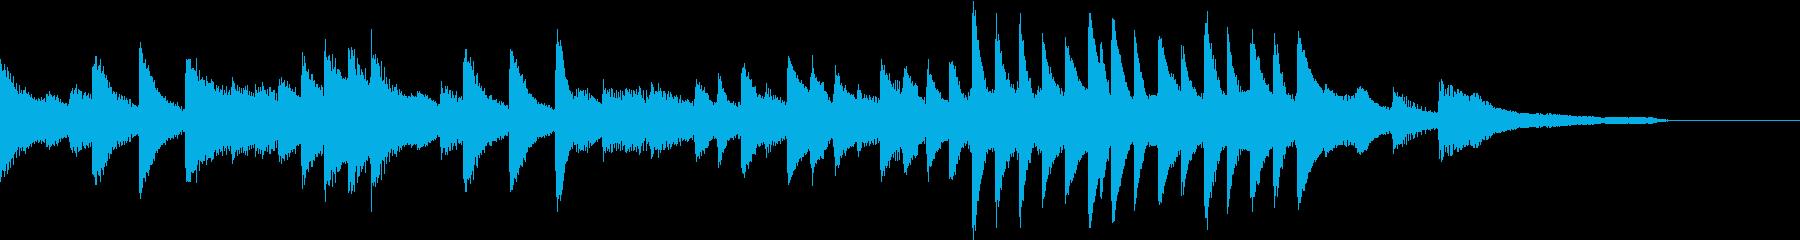 神聖で凛としたジャパニーズピアノジングルの再生済みの波形